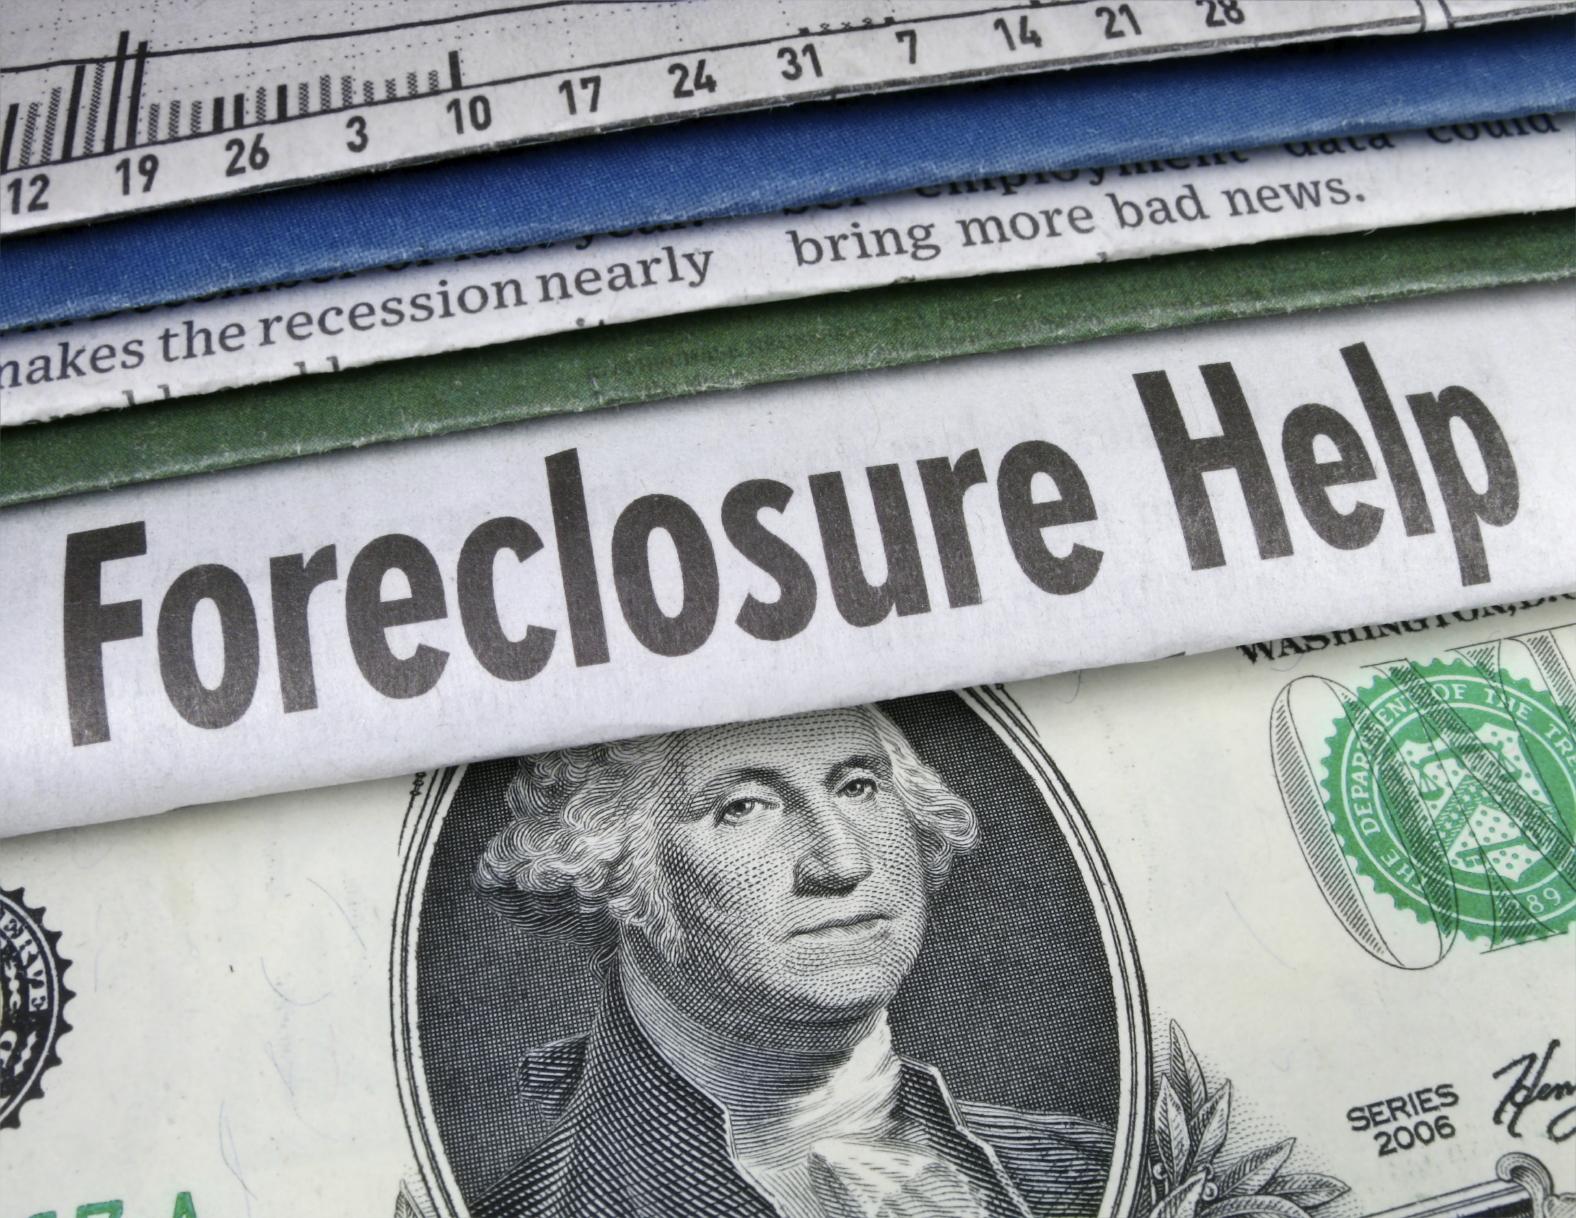 Foreclosurehelp